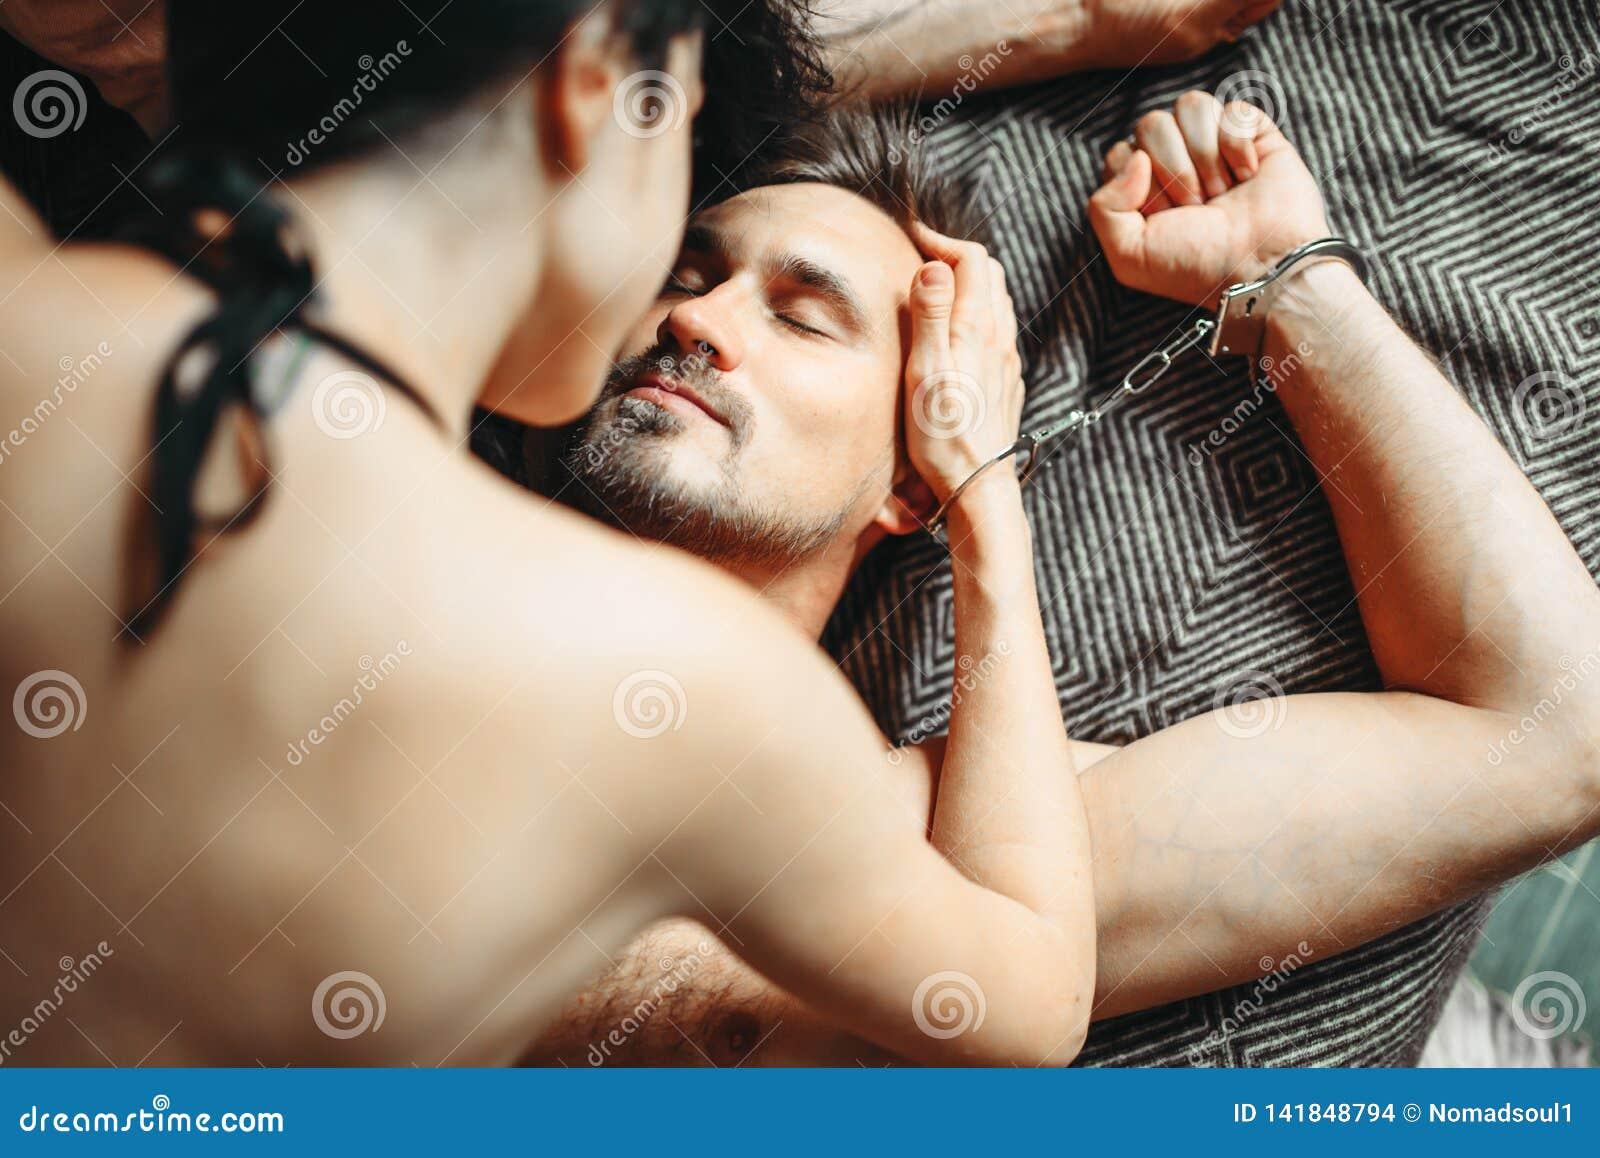 Pics erotica Erotic Girls